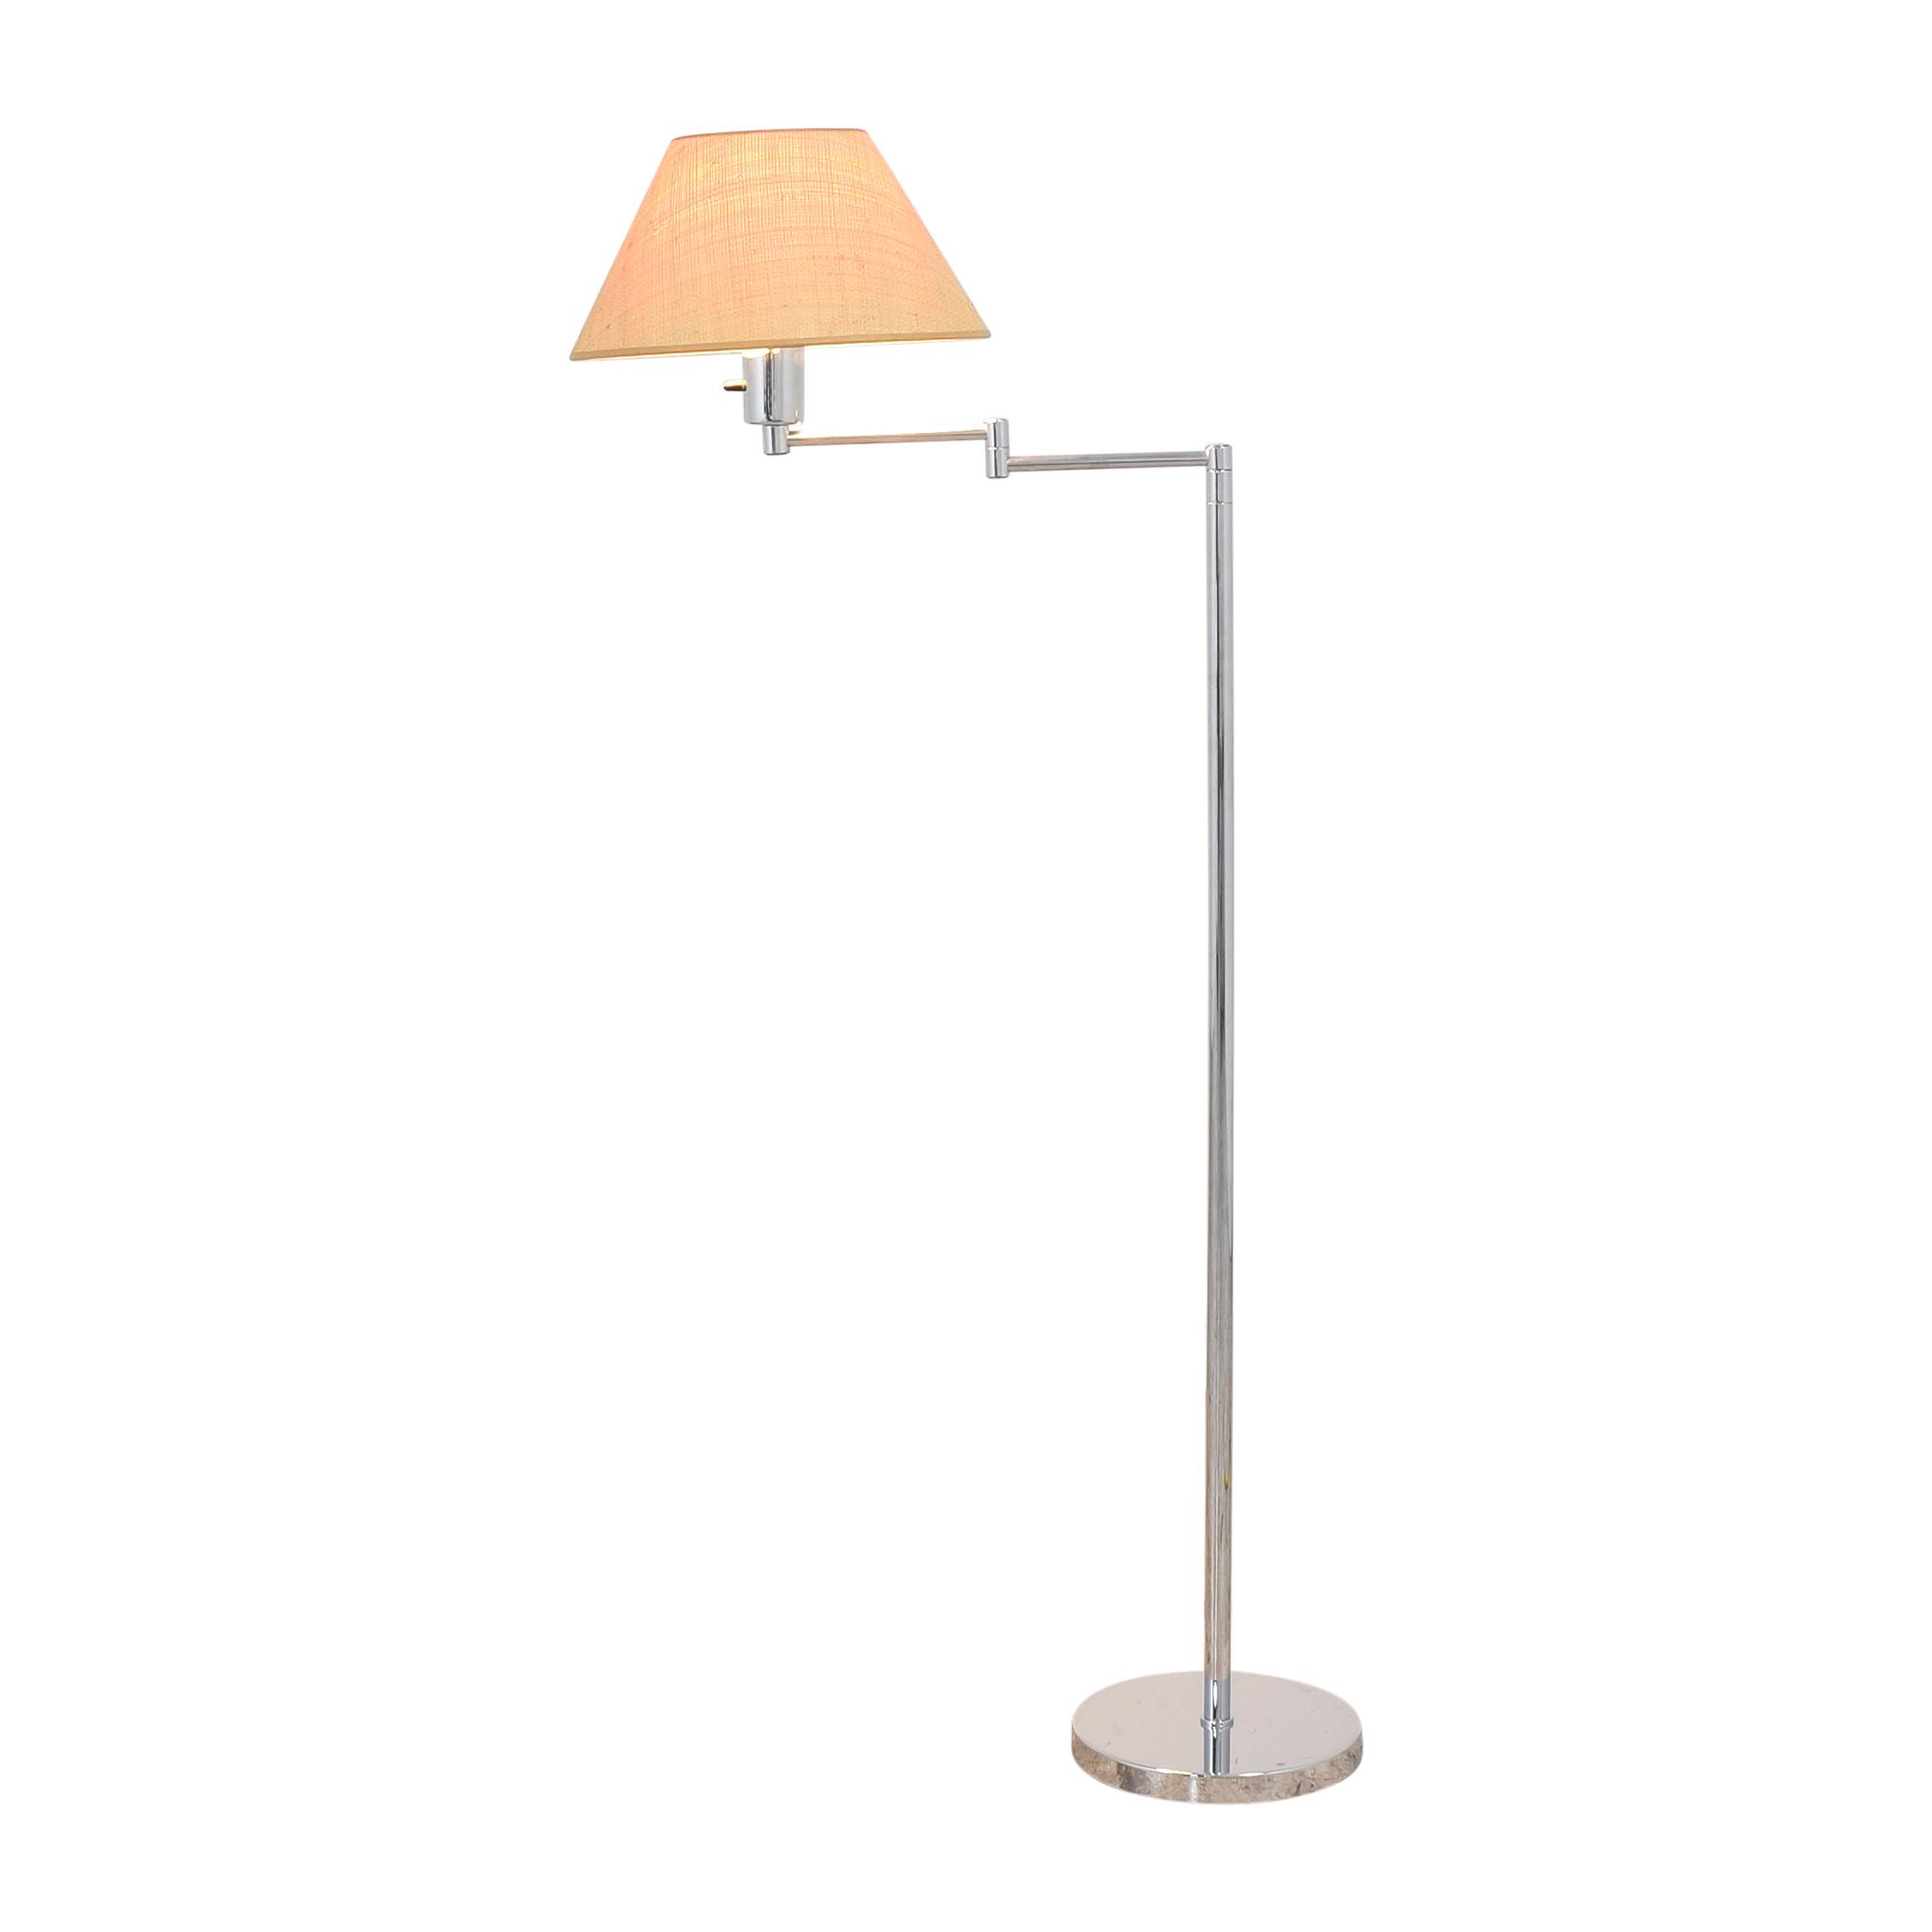 Scalamandre Hansen Double Swing Arm Floor Lamp / Lamps